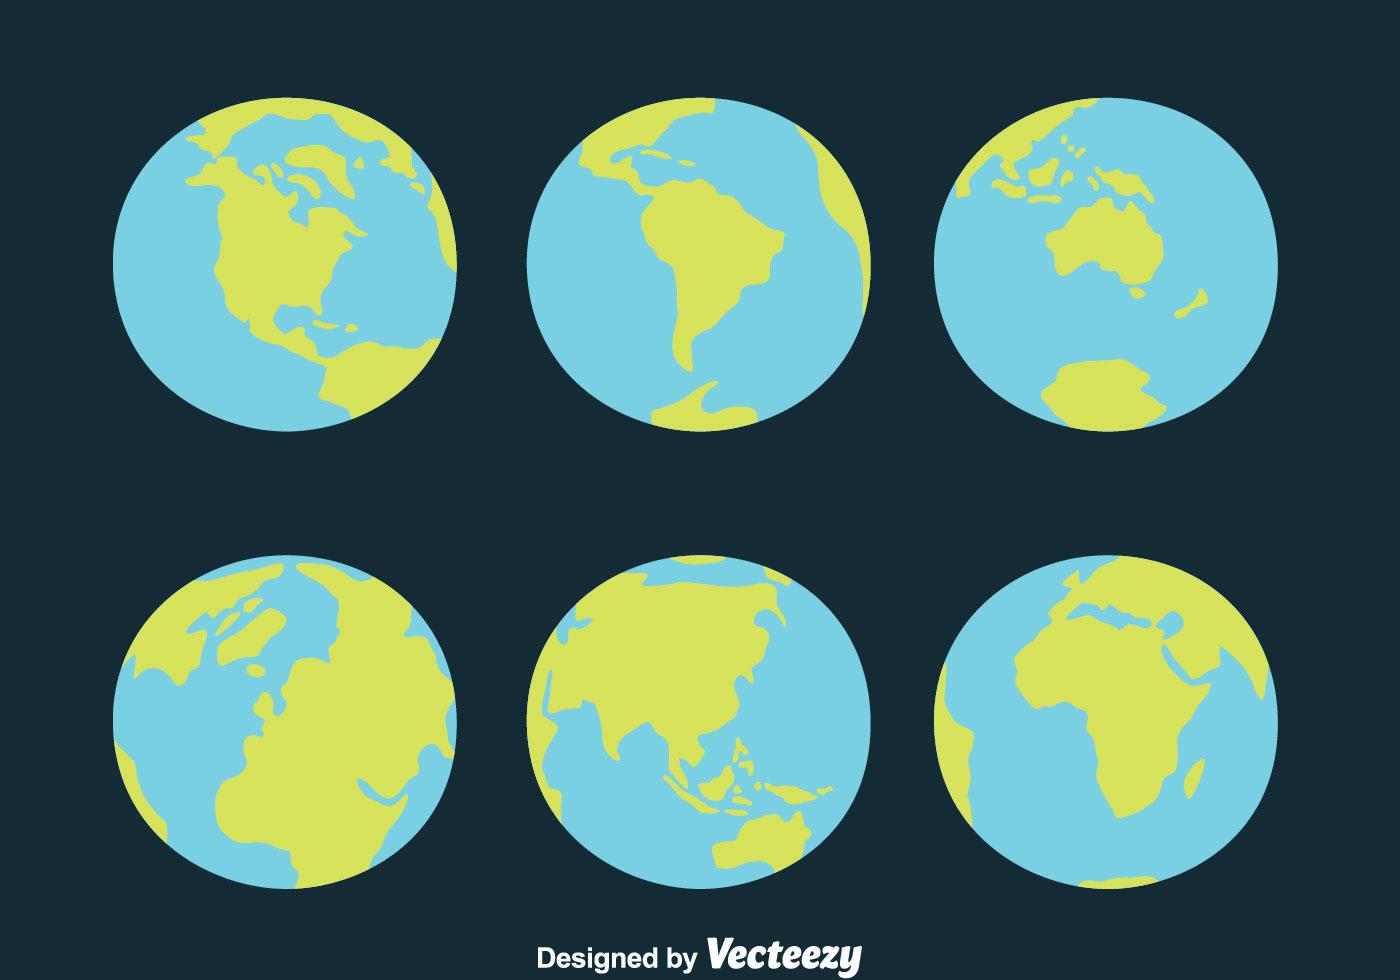 Globe Earth Vectors - Download Free Vectors, Clipart ...